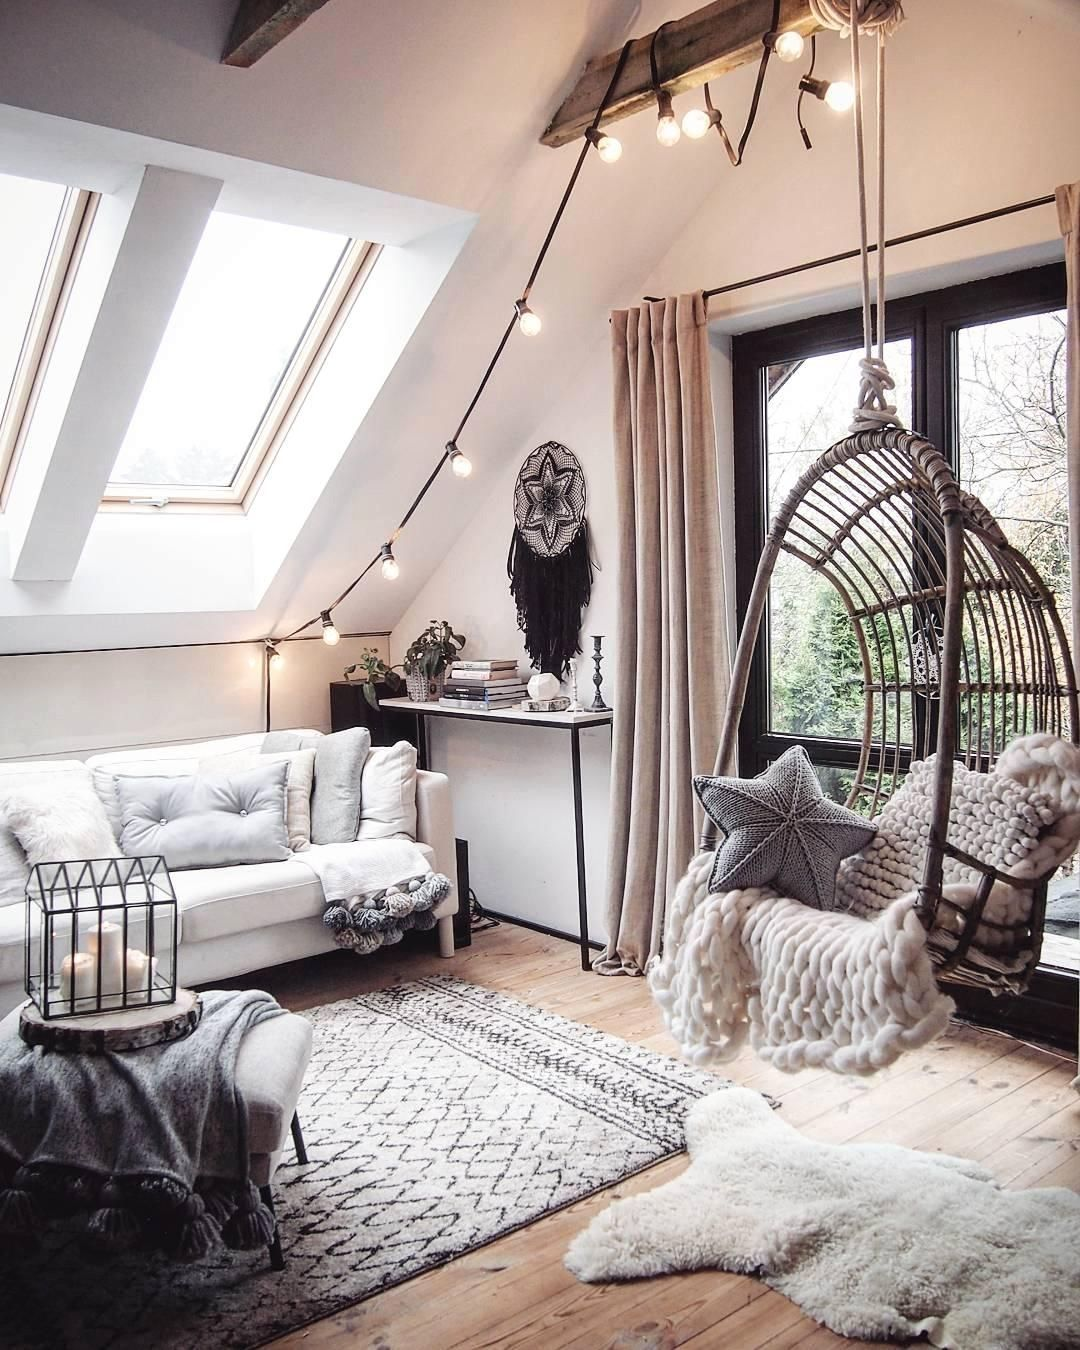 Wohnzimmer Deko Dachschräge   Tumblr zimmer, Zimmer dekor ideen ...